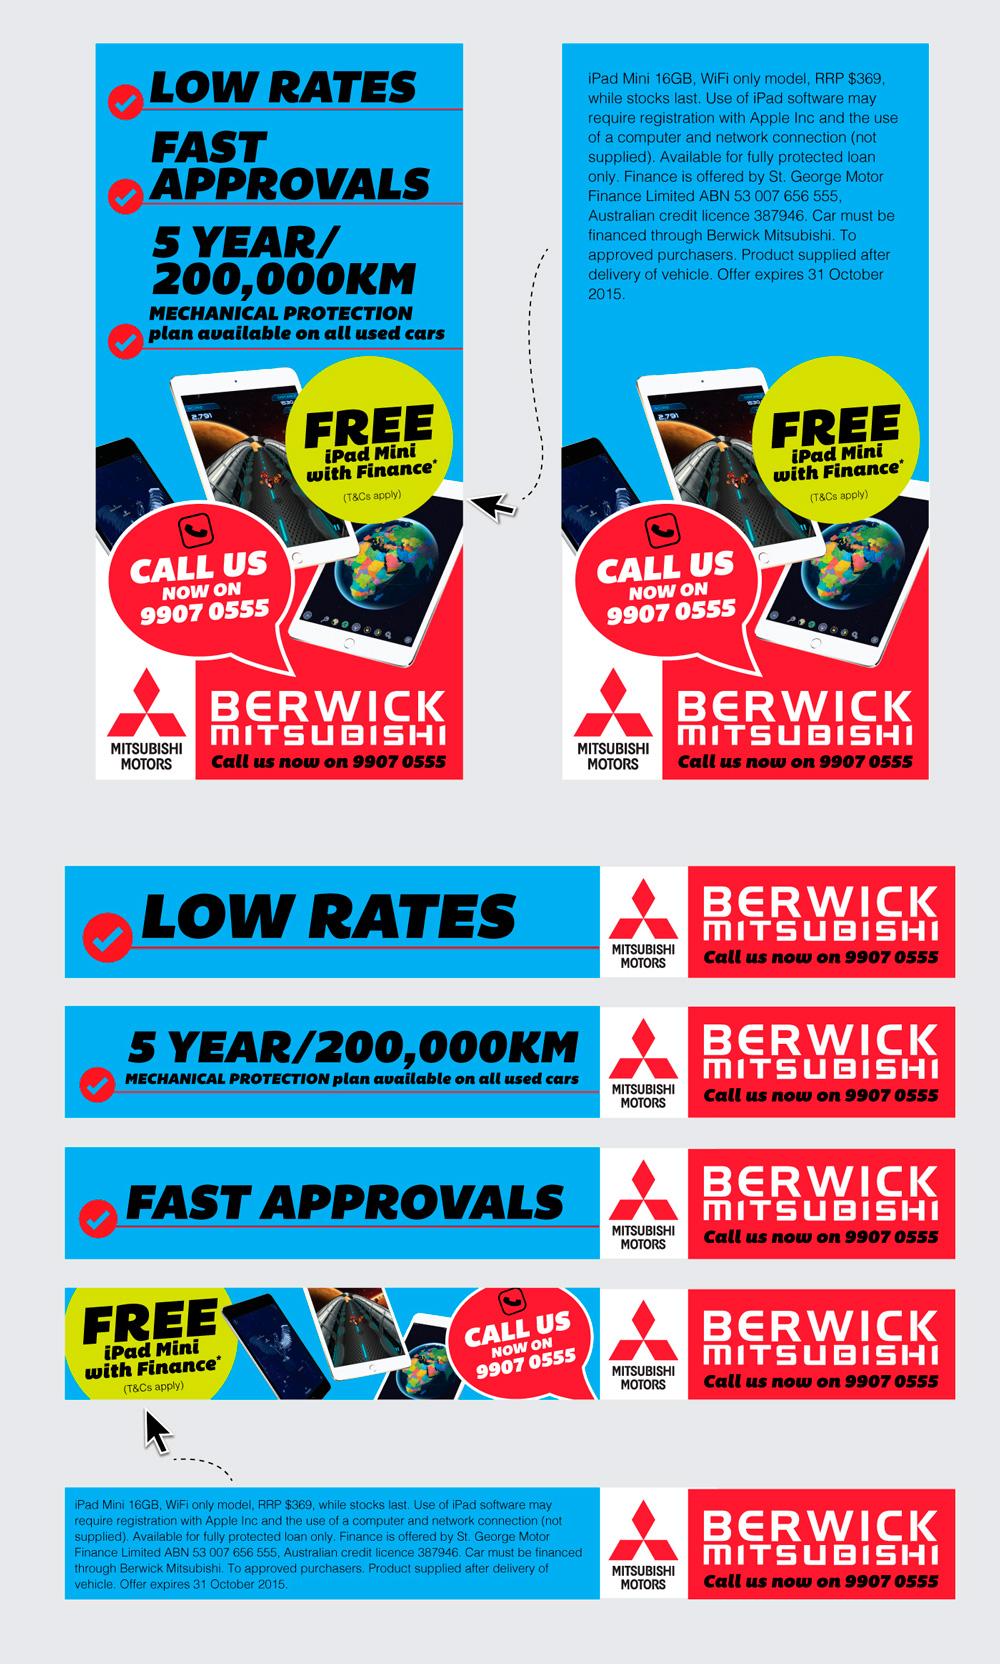 Berwick Mitsubishi Adme